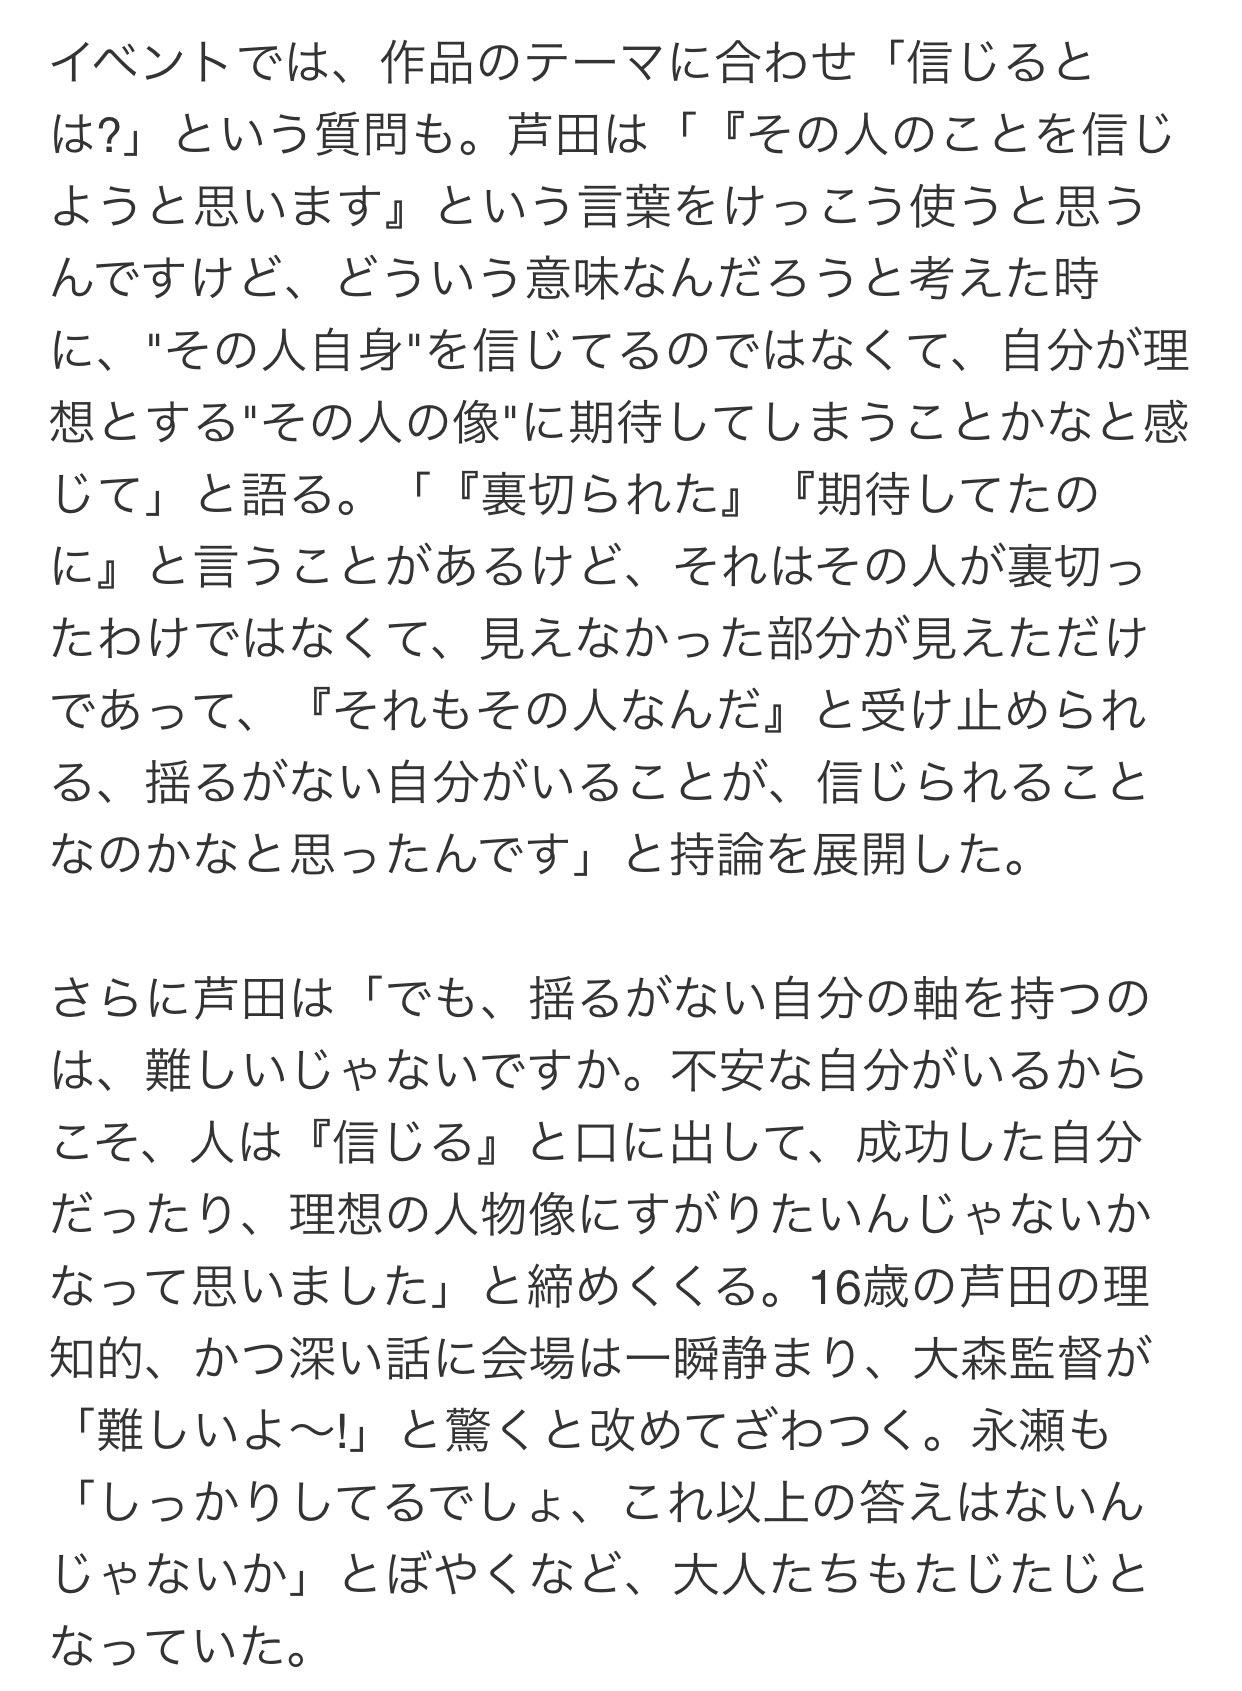 愛菜 信じる こと 芦田